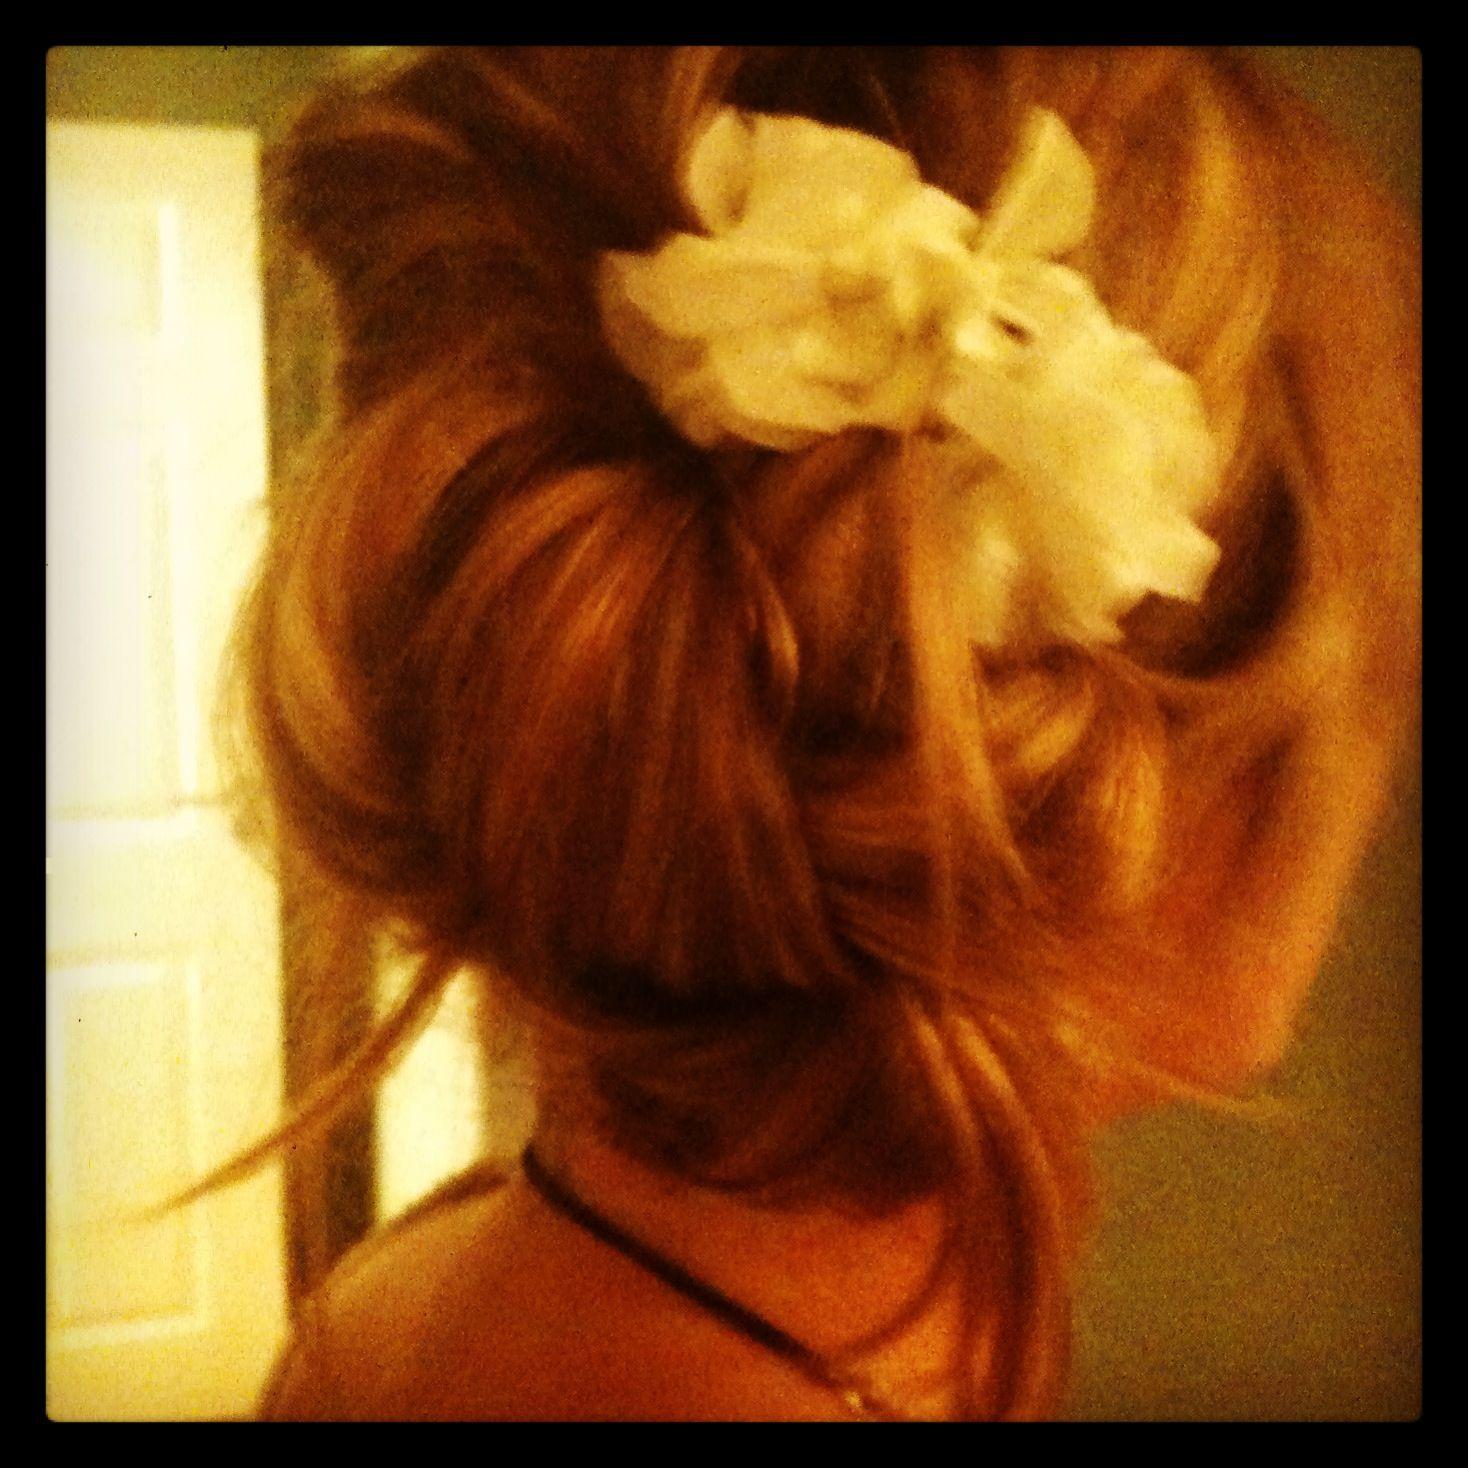 #bridesmaid accessories